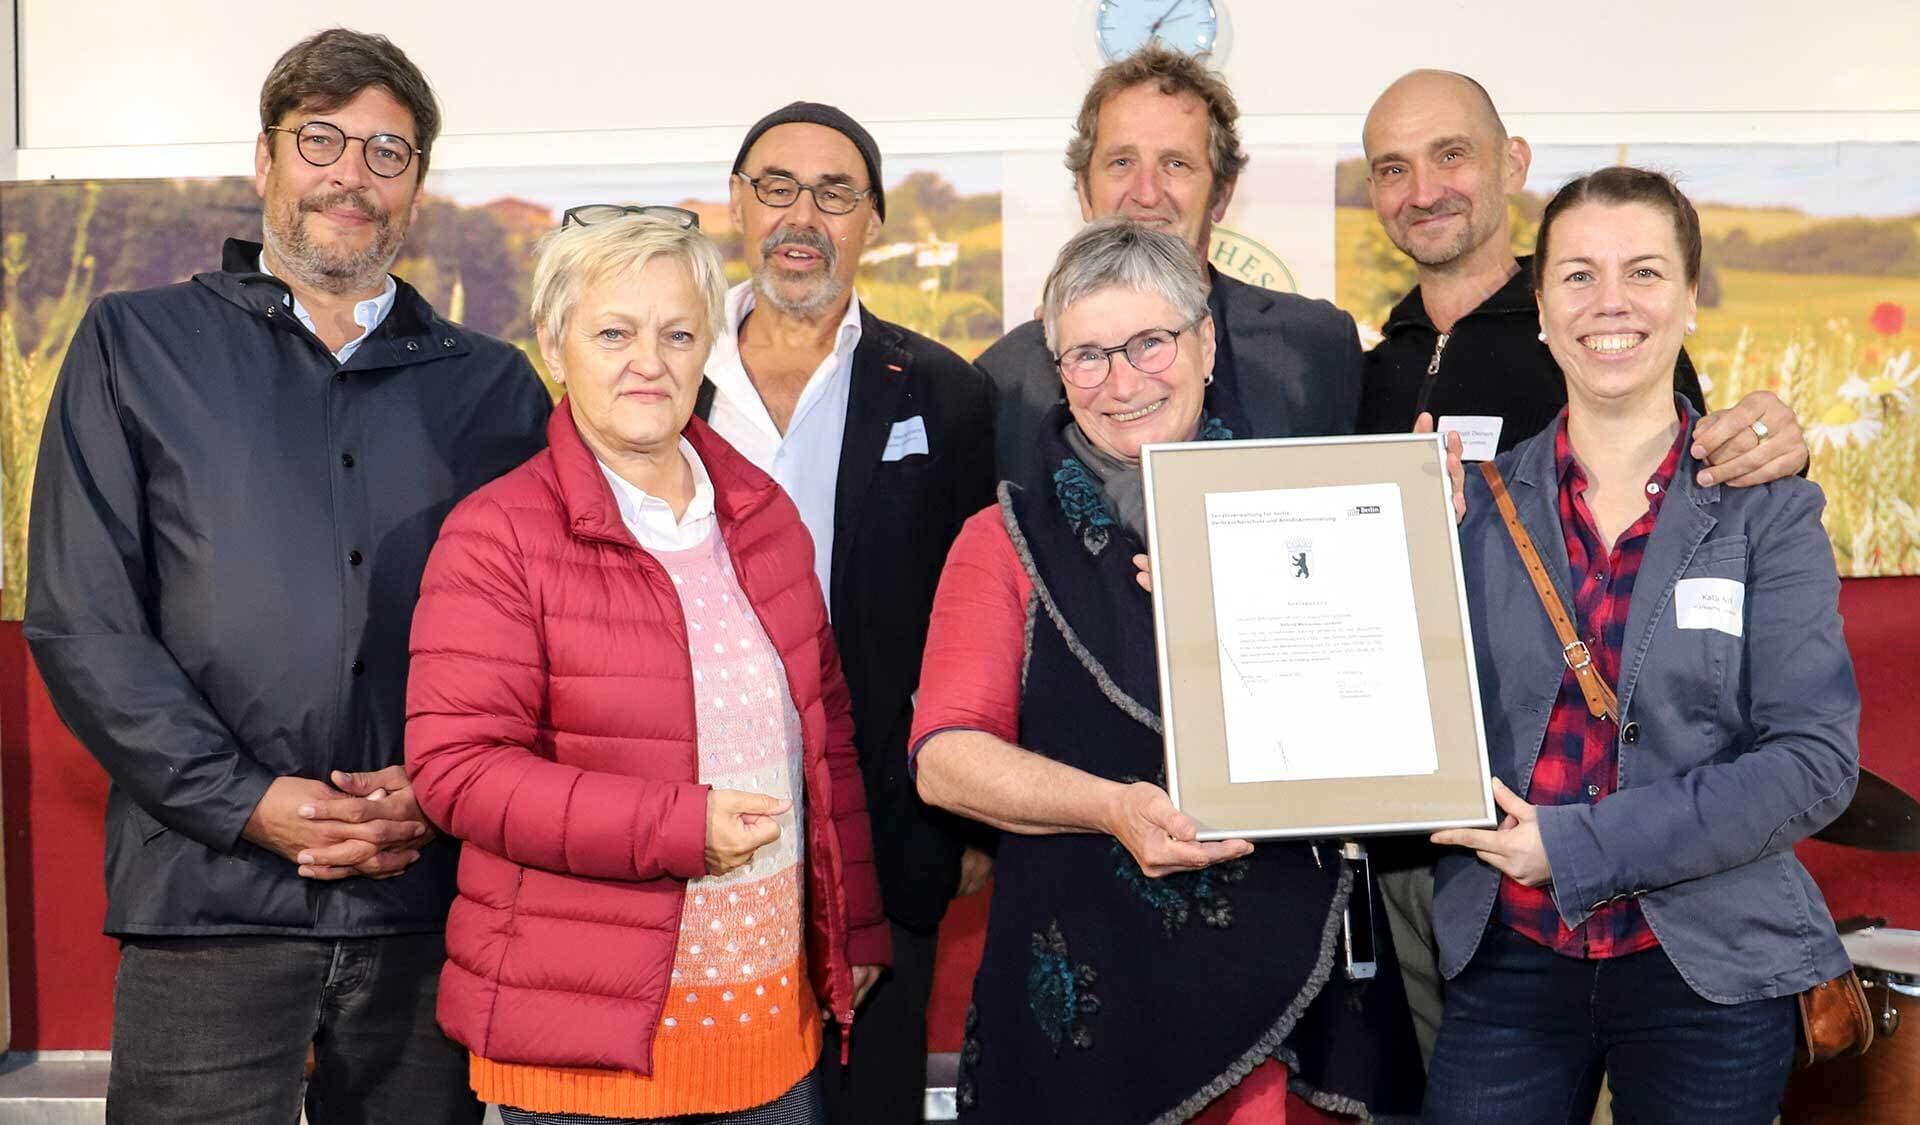 Dr. Dirk Behrendt (Justizsenator), Renate Künast (MdB), Joachim Weckmann (Märkisches Landbrot), Sabine Jansen (Märkisches Landbrot), Stefan Palme (Gut Wilmersdorf), Christoph Deinert, Katja Noll (beide Märkisches Landbrot)